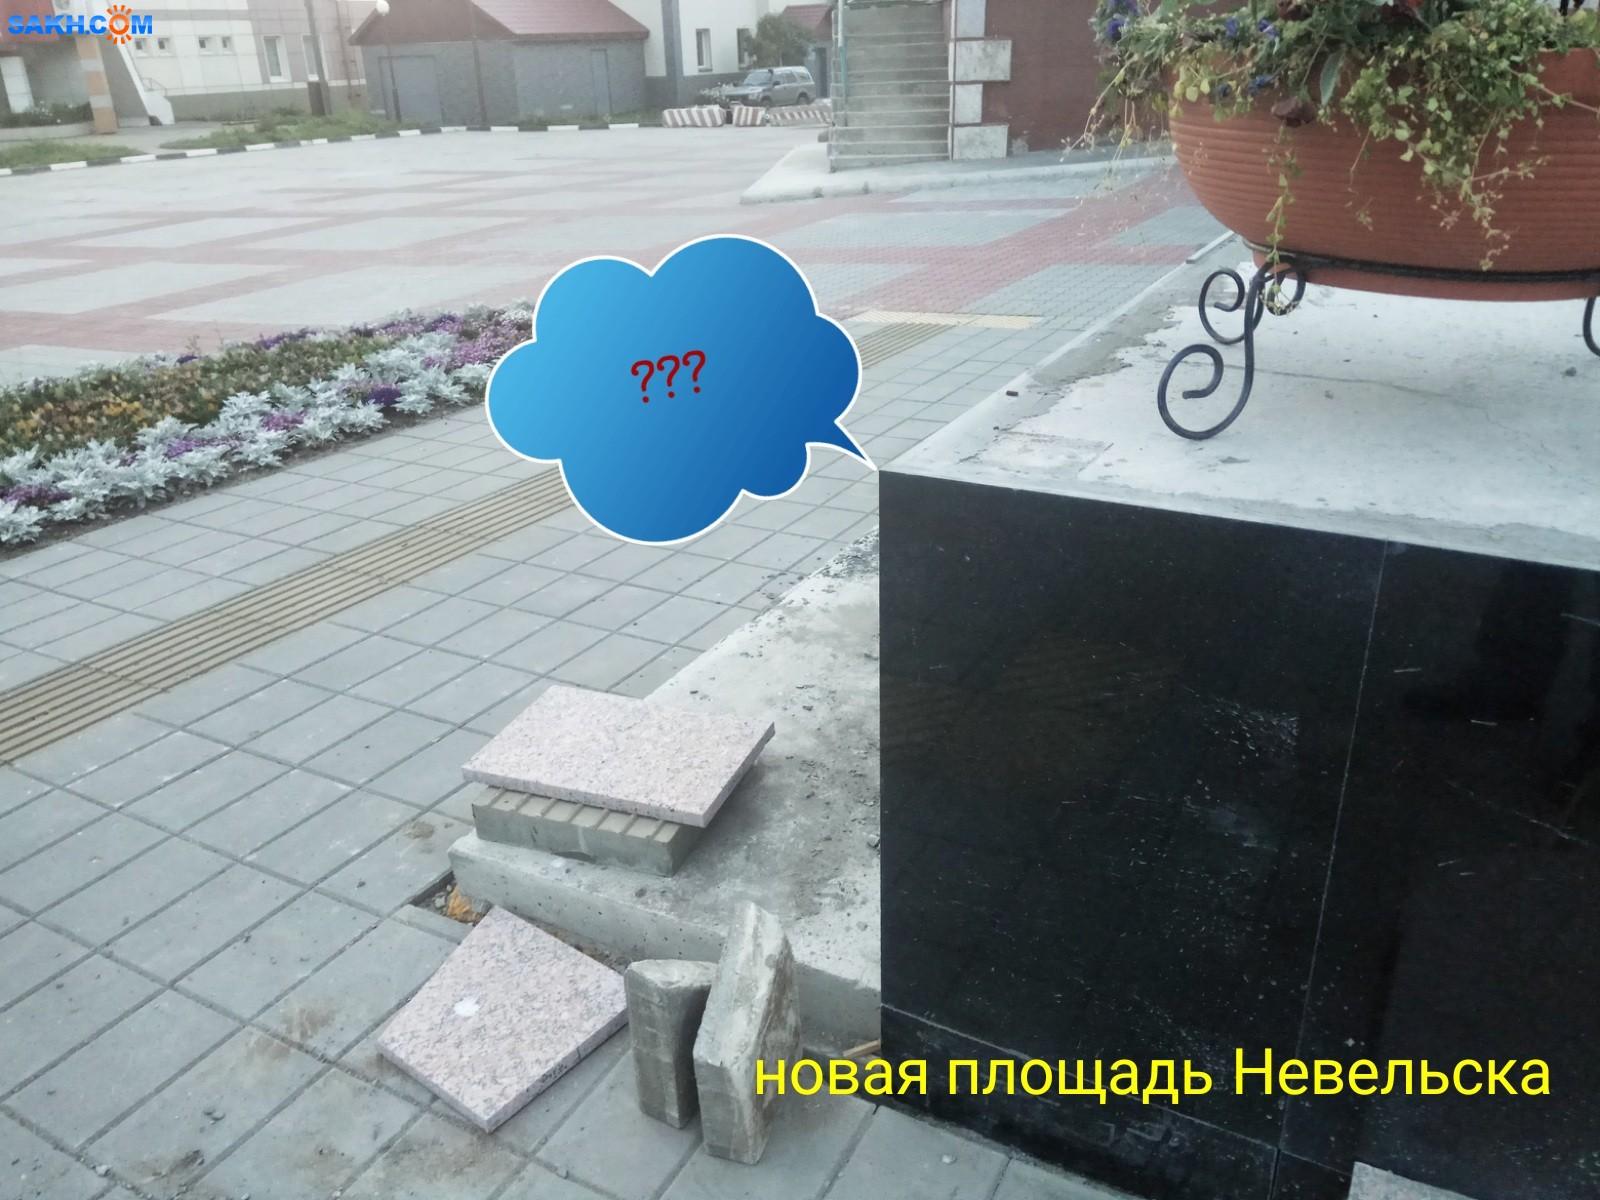 kolya811: Новая площадь в Невельске травмоопасна.